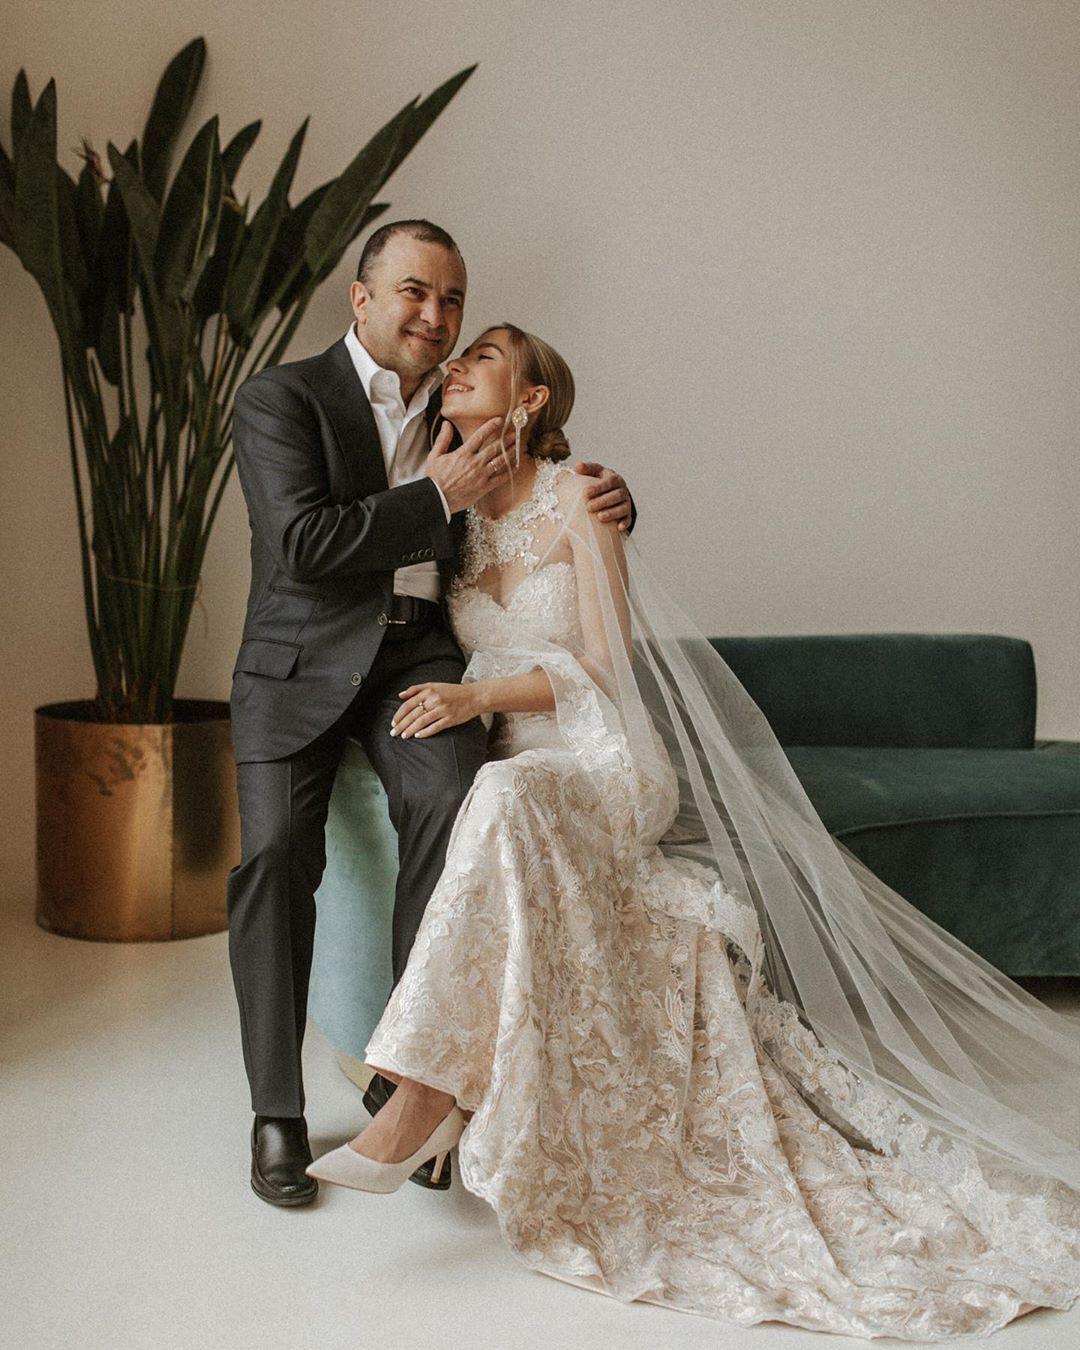 Павлік з дружиною.